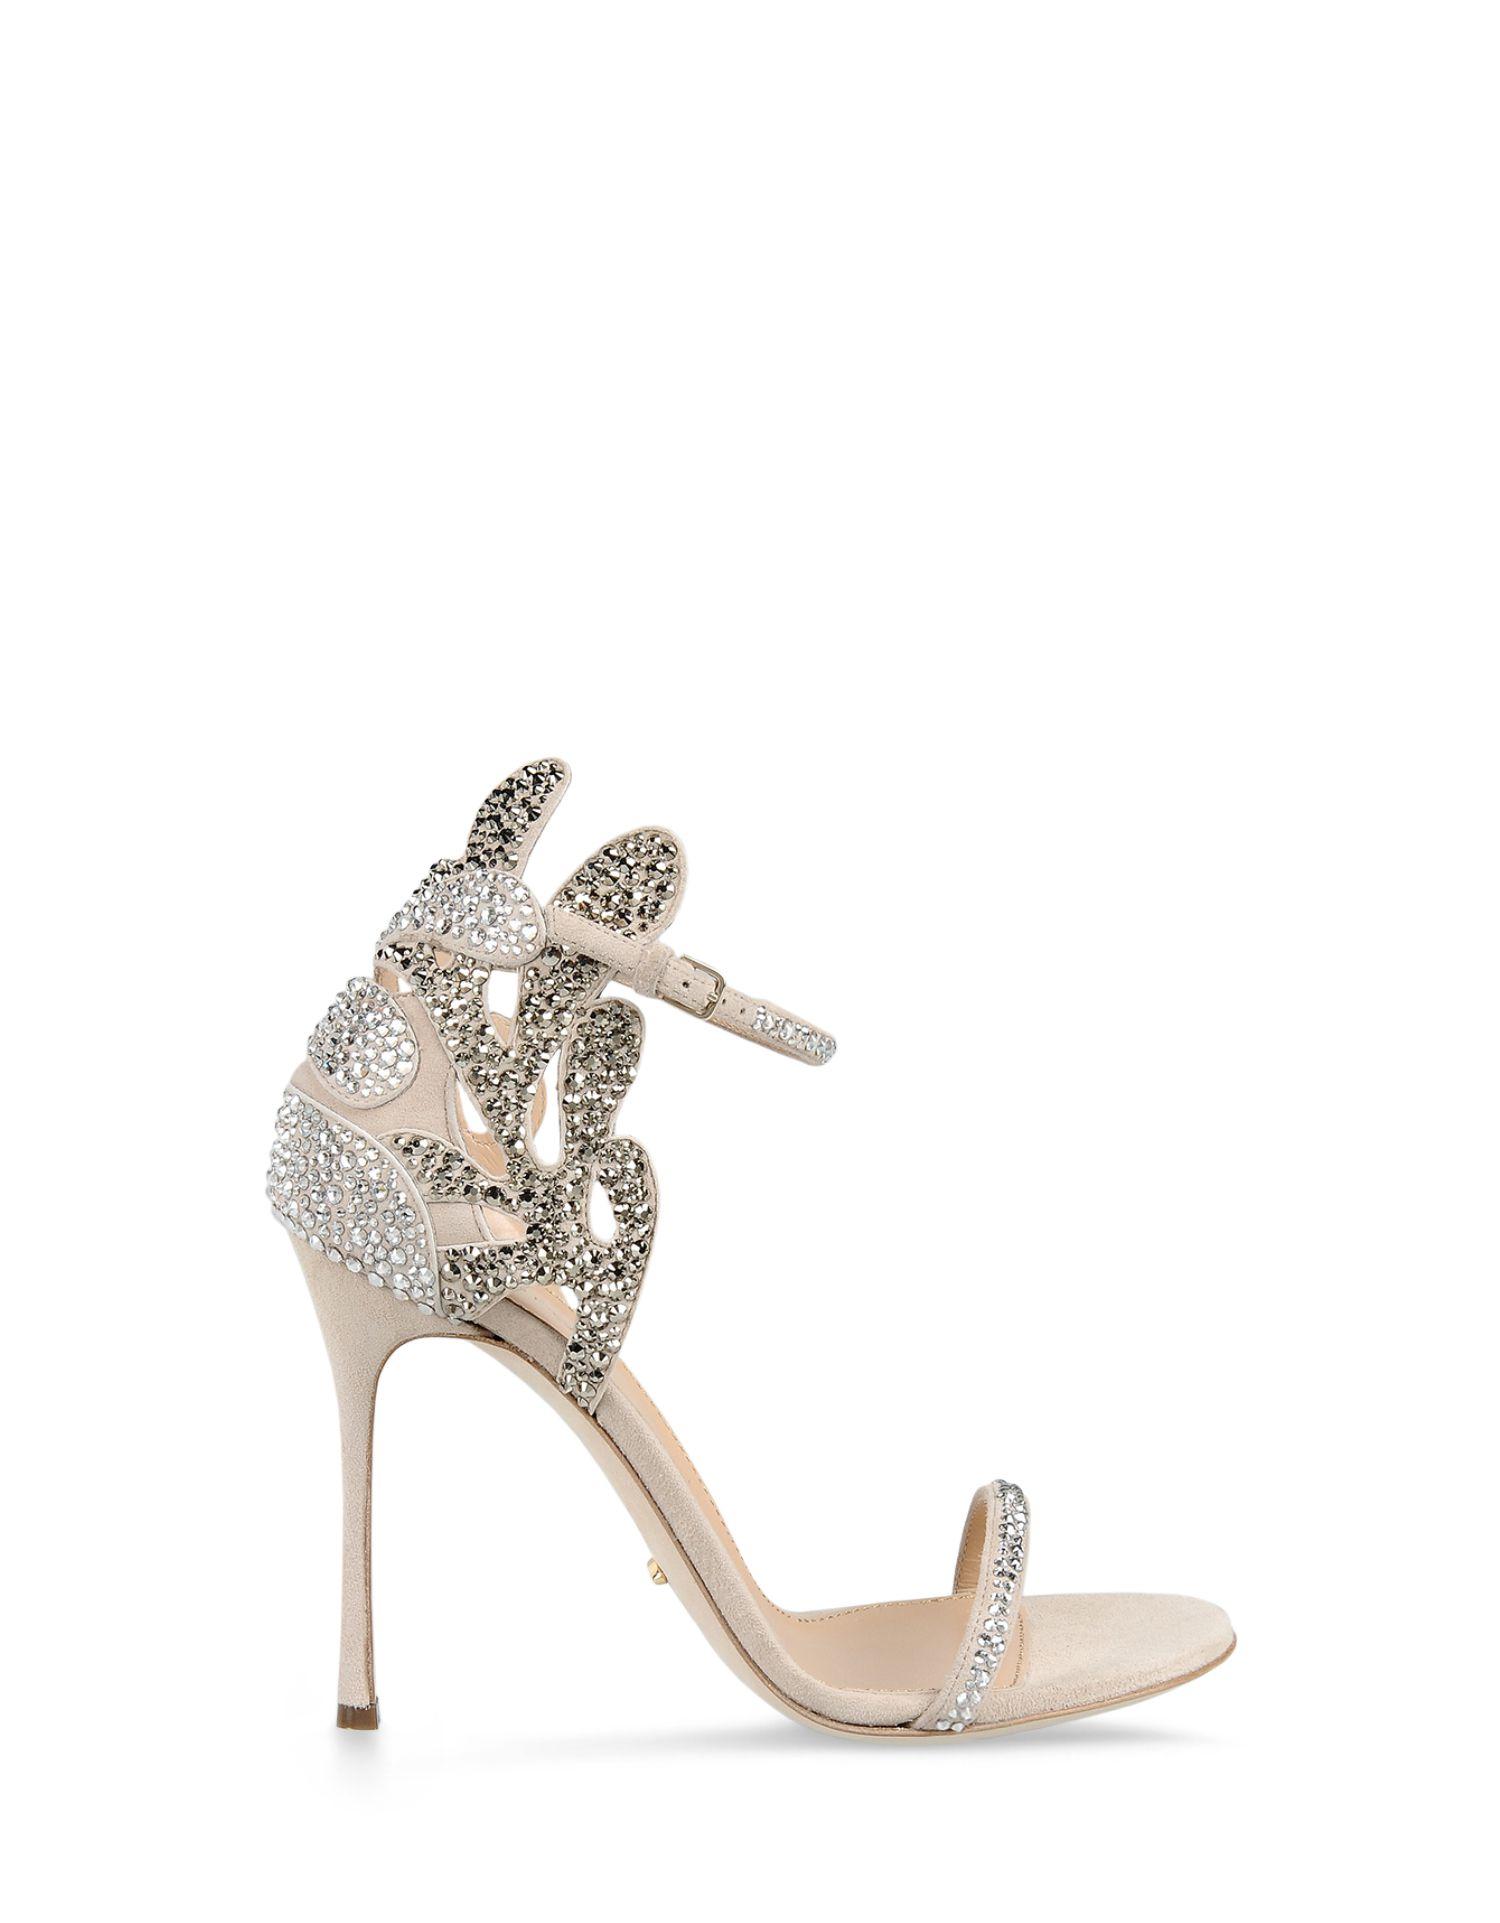 Scarpe Gioiello Sposa.Sandali Gioiello Sposa 2015 Shoeplay Fashion Blog Di Scarpe Da Donna